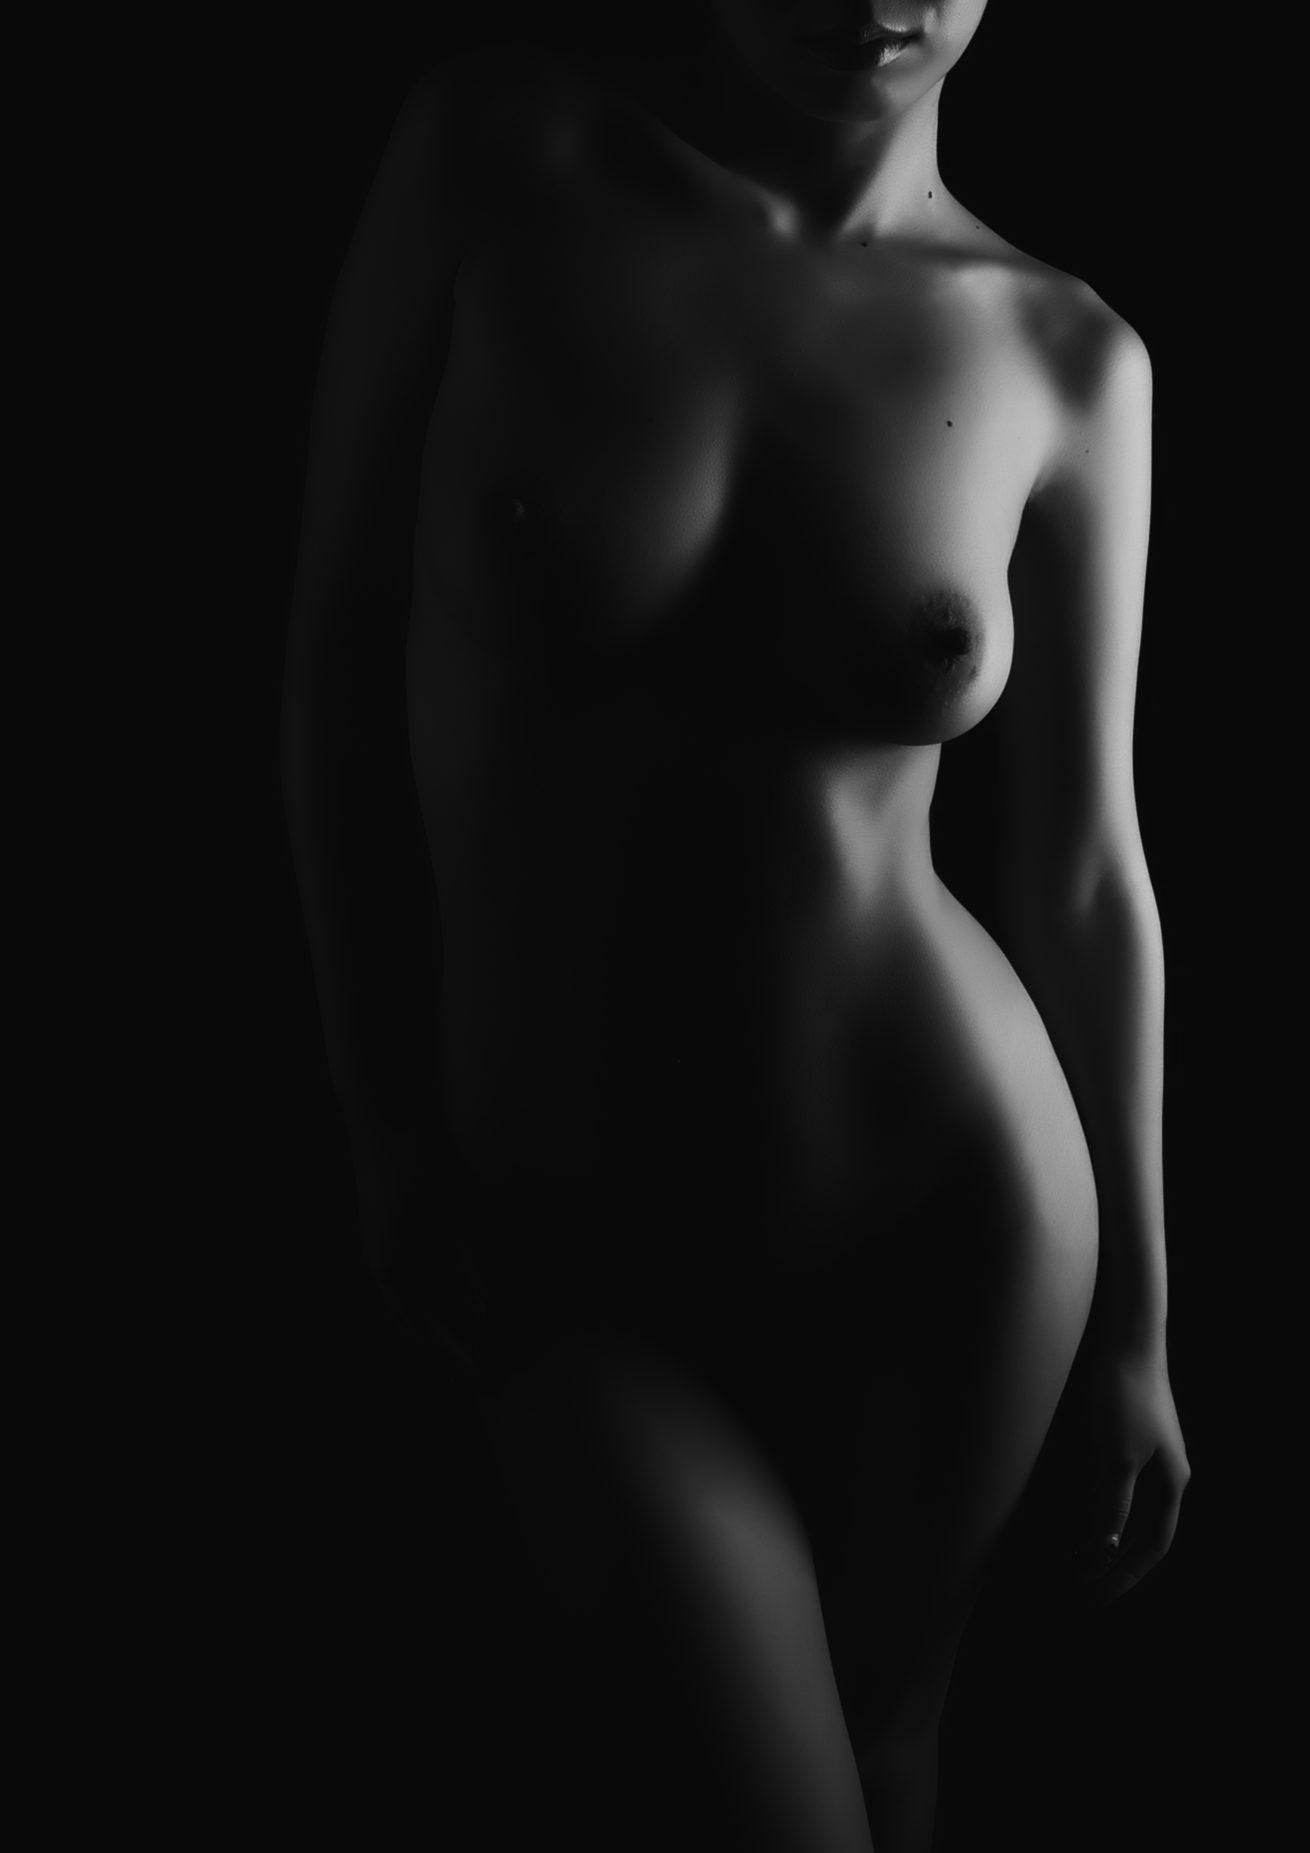 Kanon-Nude-Even-Darker